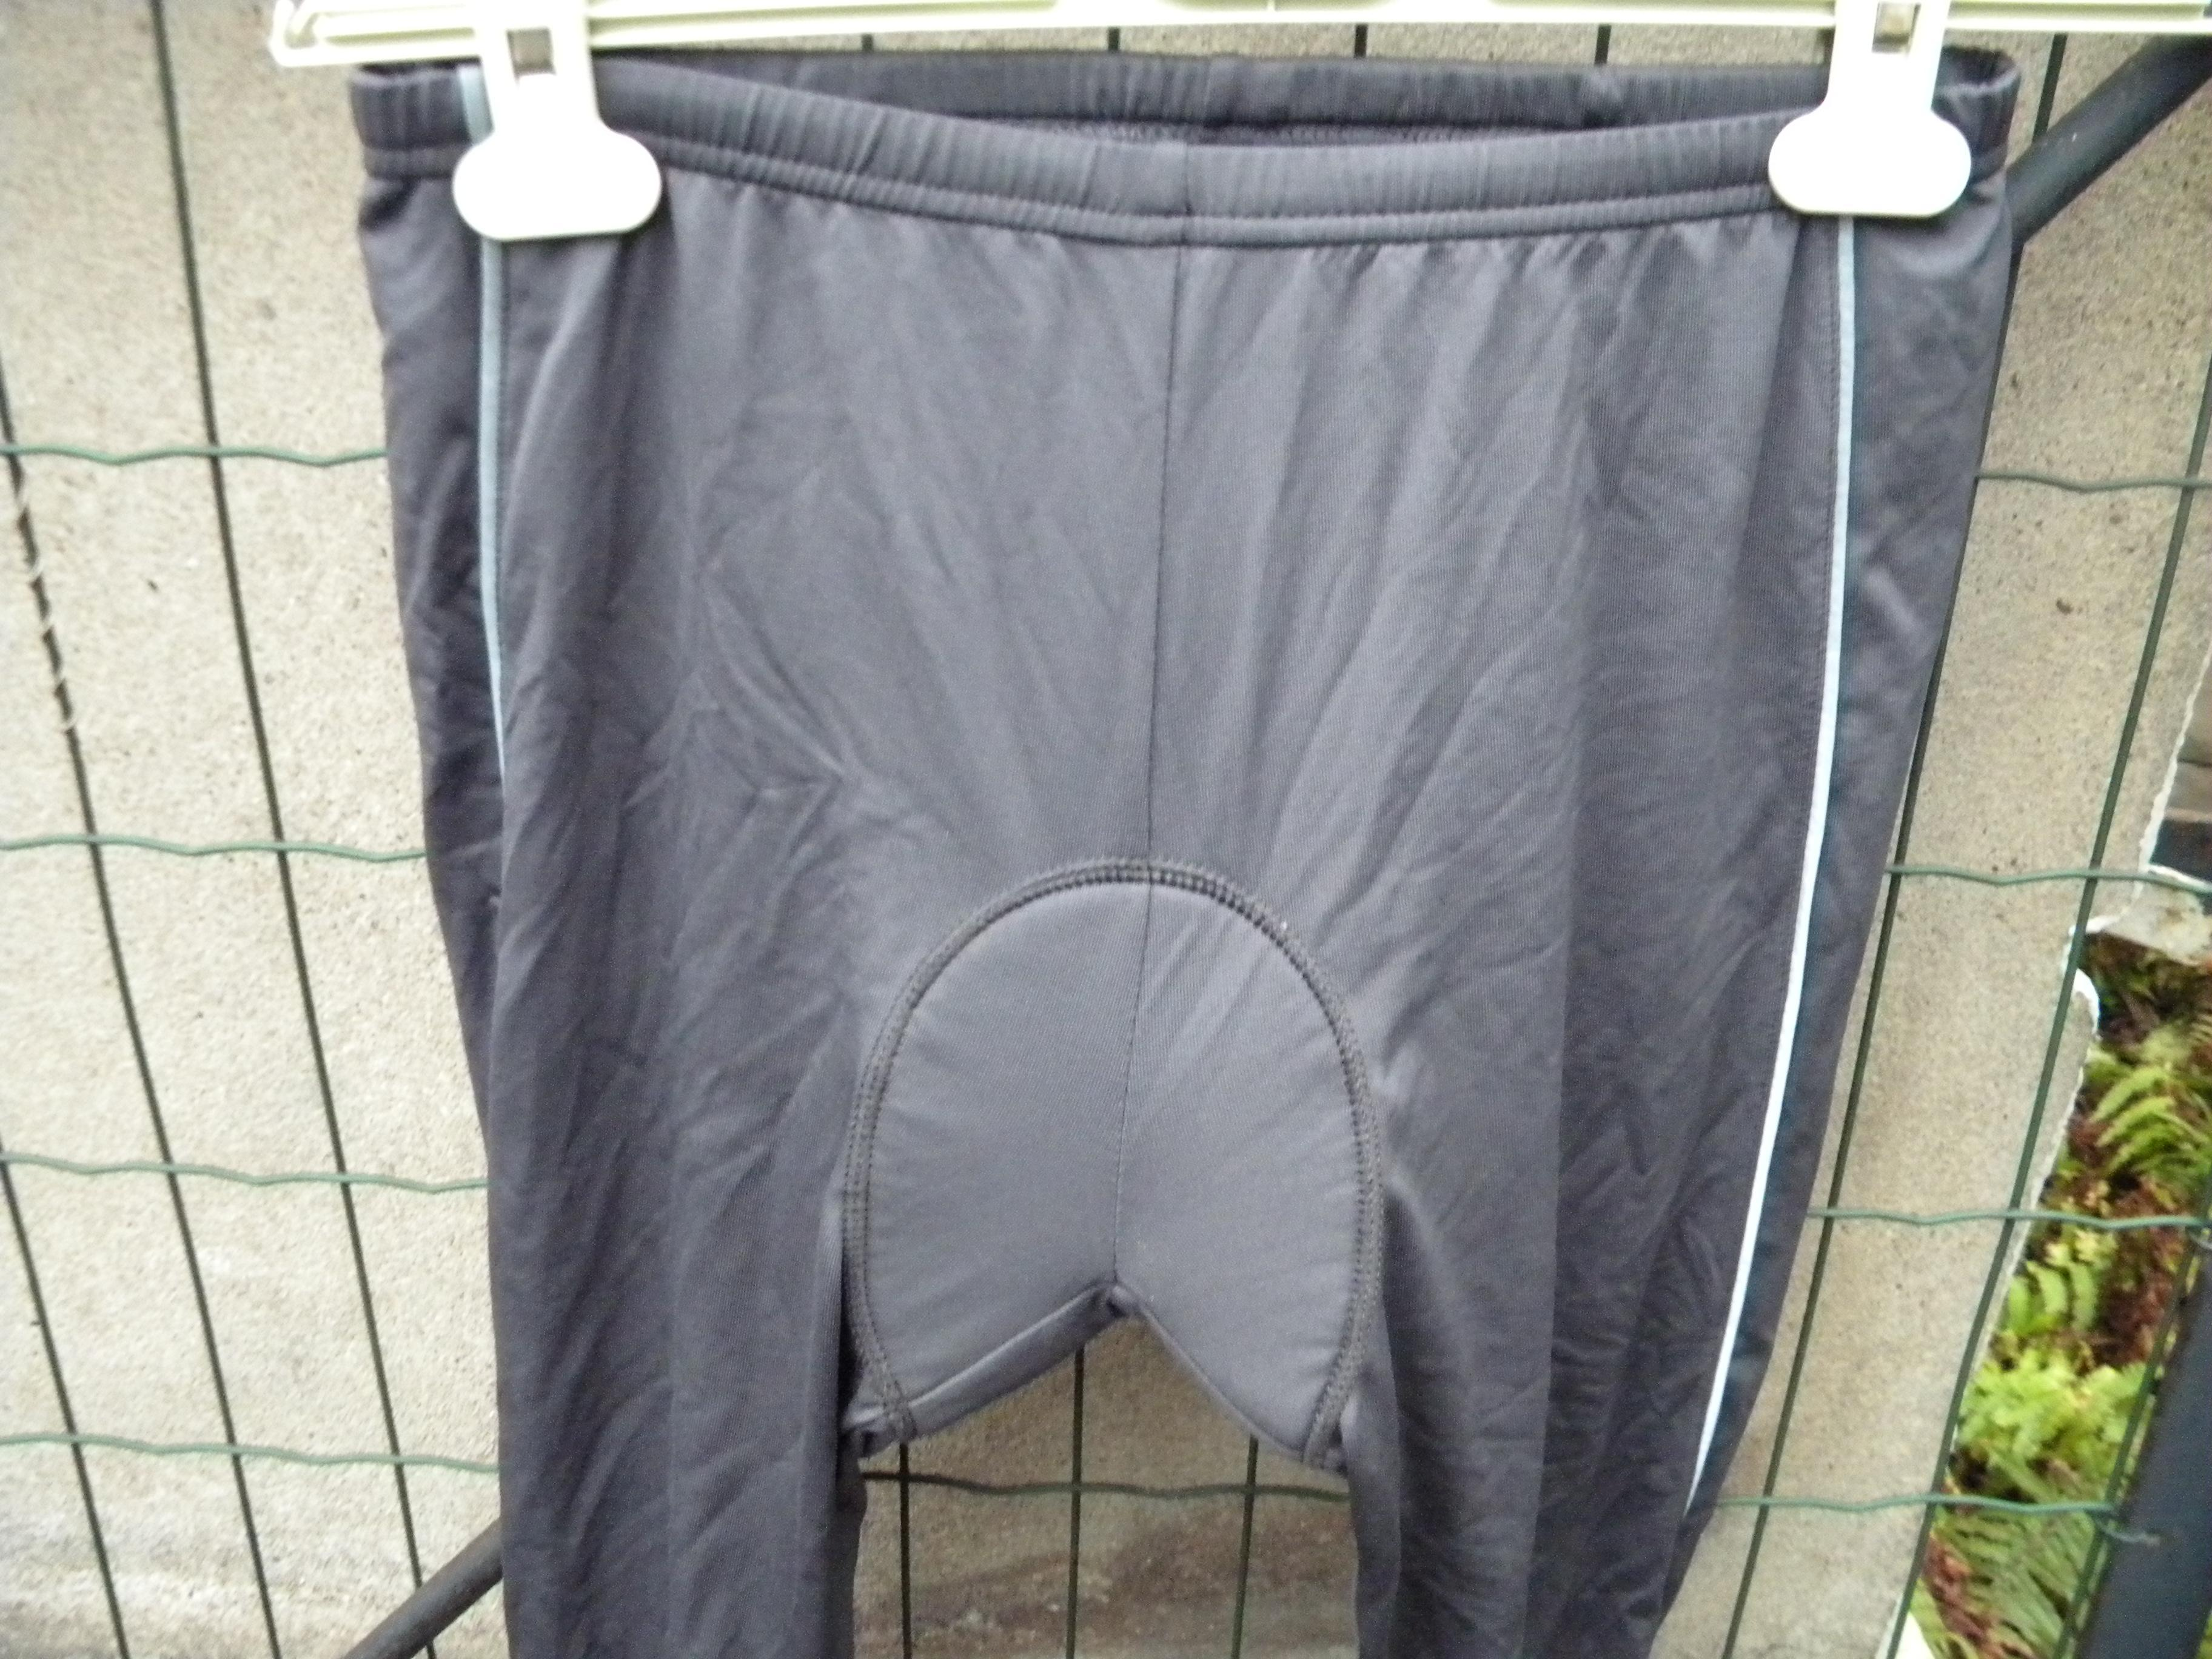 troc de troc caleçon court cycliste gris 38 image 1